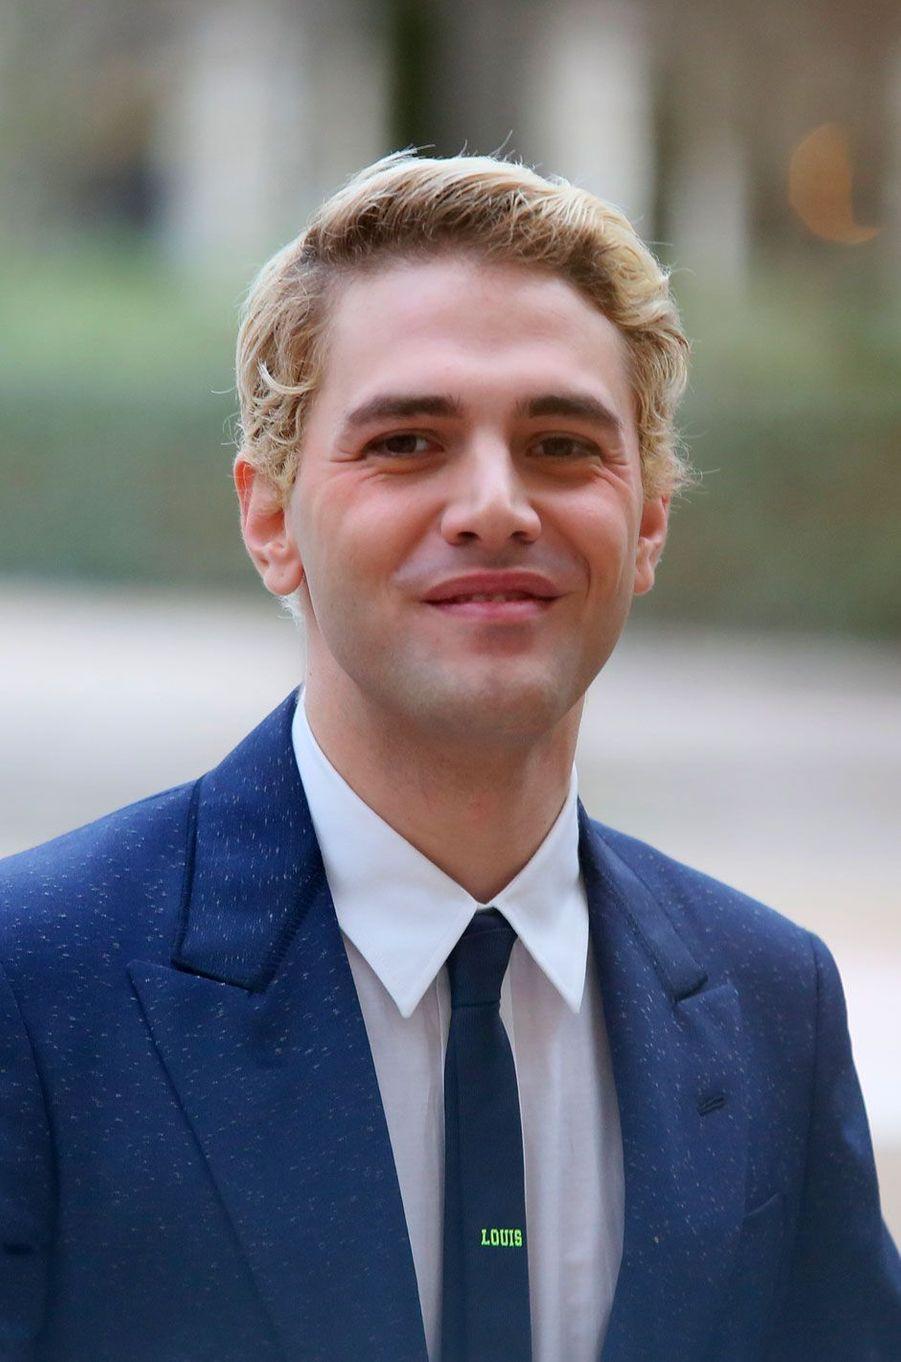 Xavier Dolan à l'entrée du défilé Louis Vuitton le 18 janvier à Paris